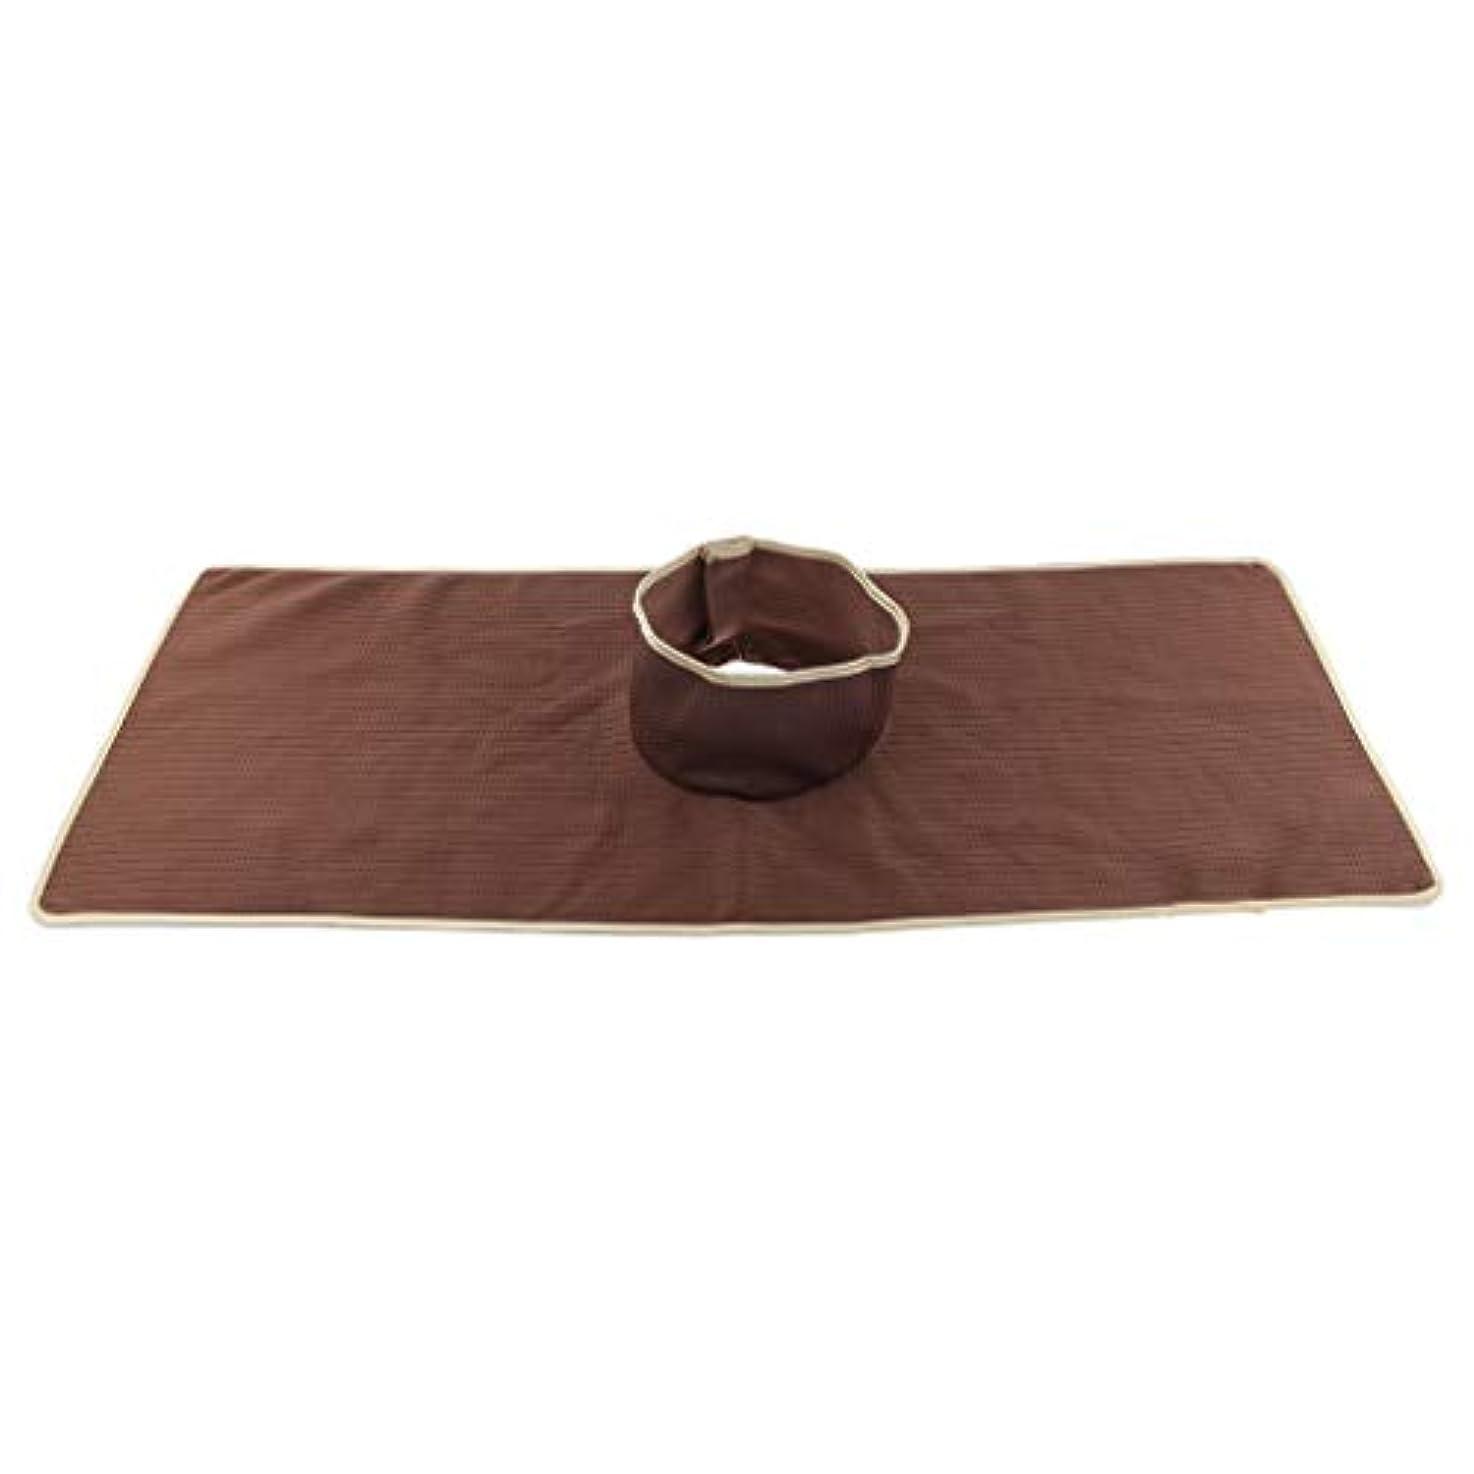 聞く十ハンバーガーサロン マッサージベッドシート 穴付き 衛生パッド 再使用可能 約90×35cm 全3色 - コーヒー